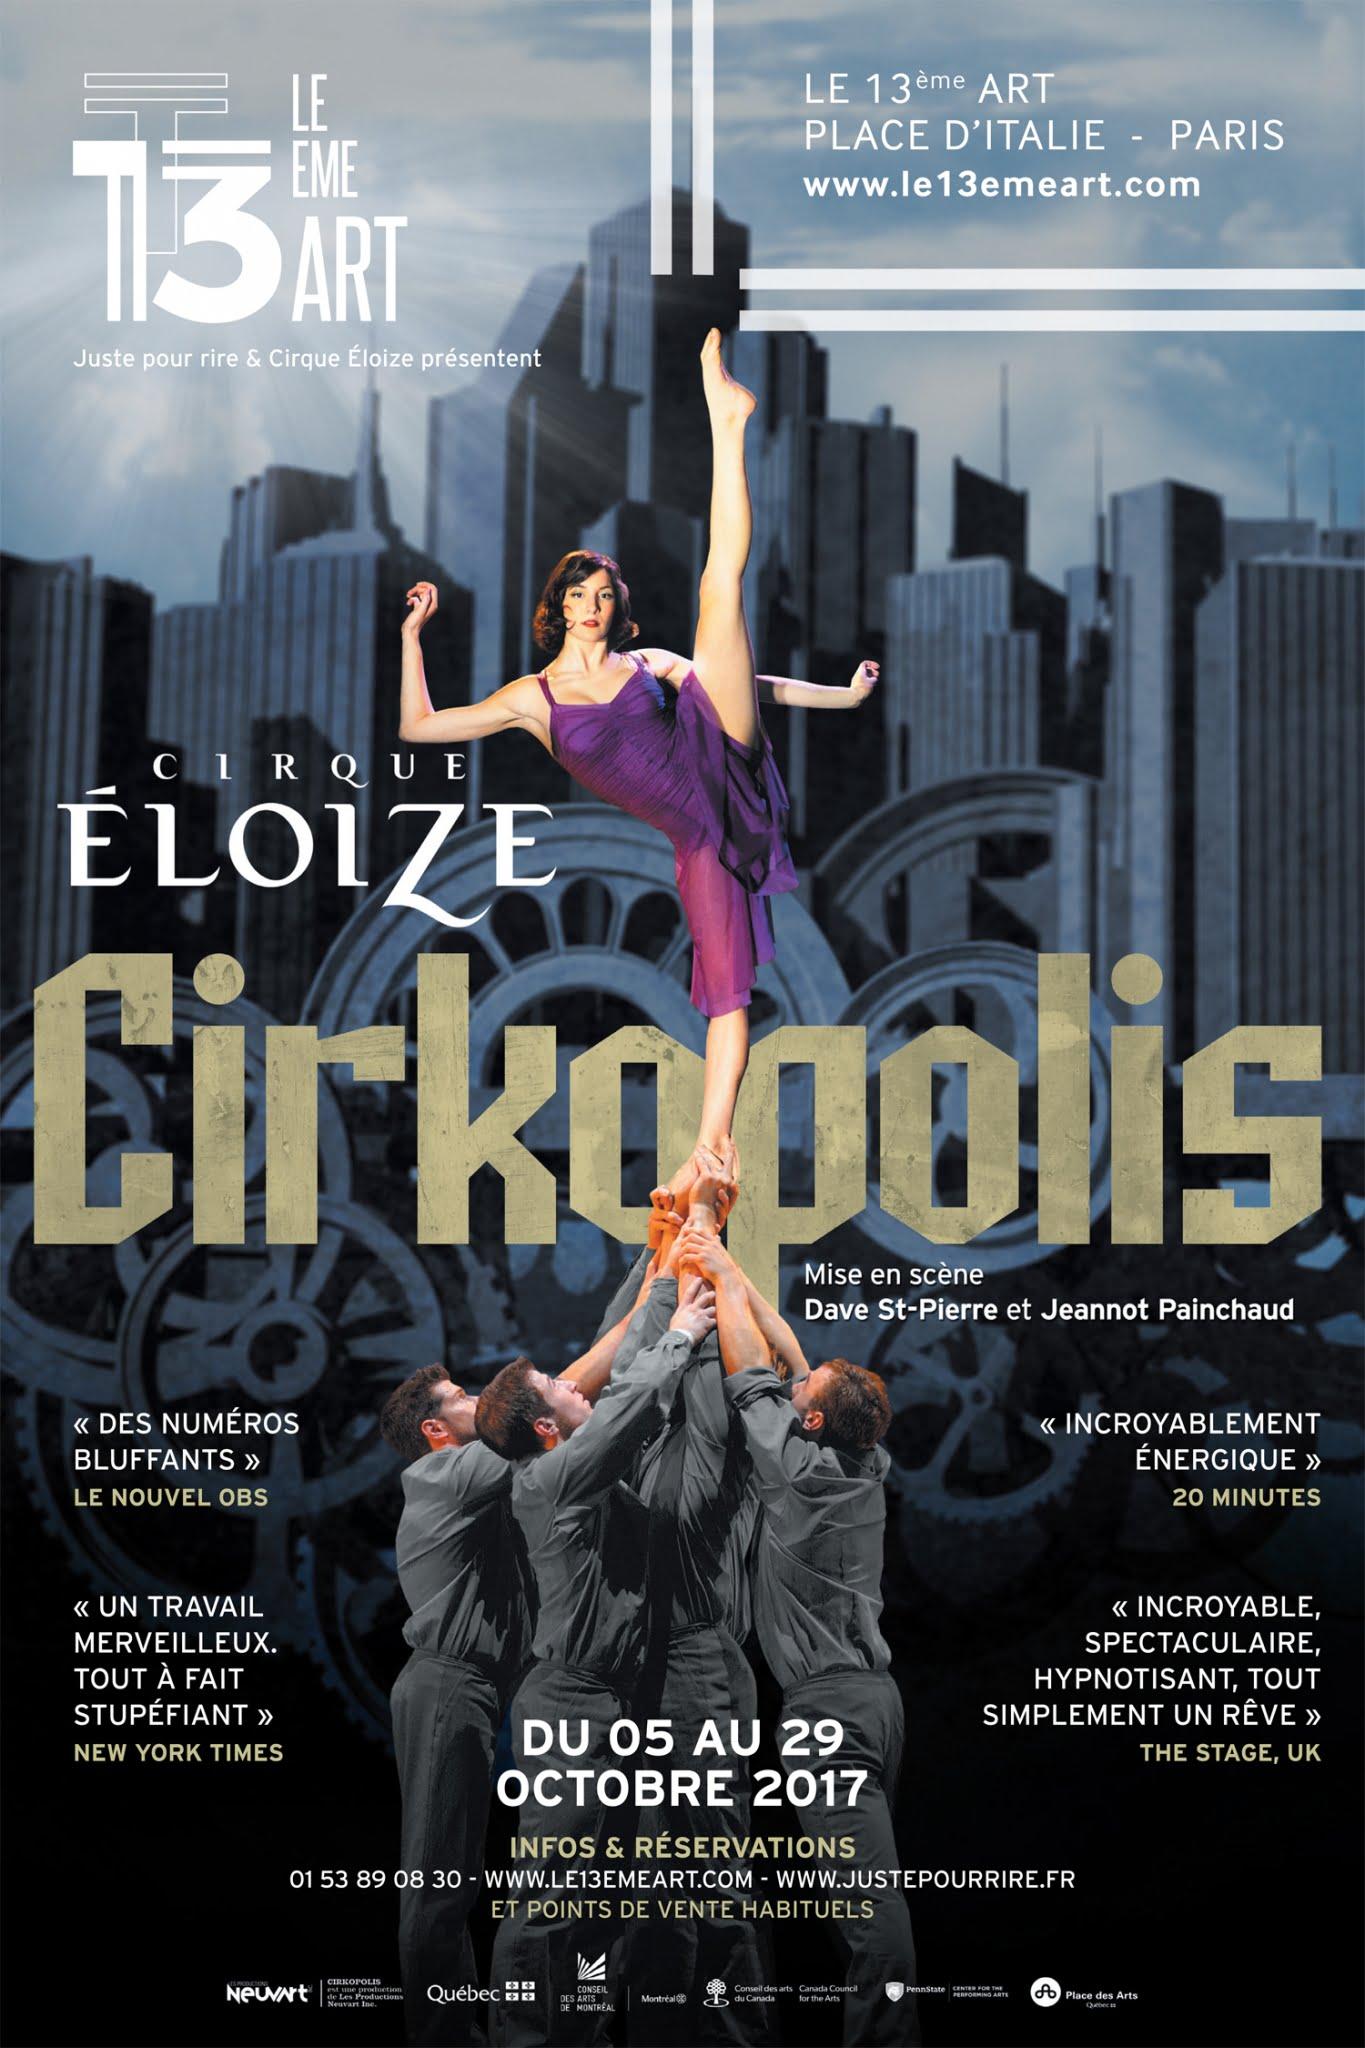 Le Cirque Eloize présente Cirkopolis